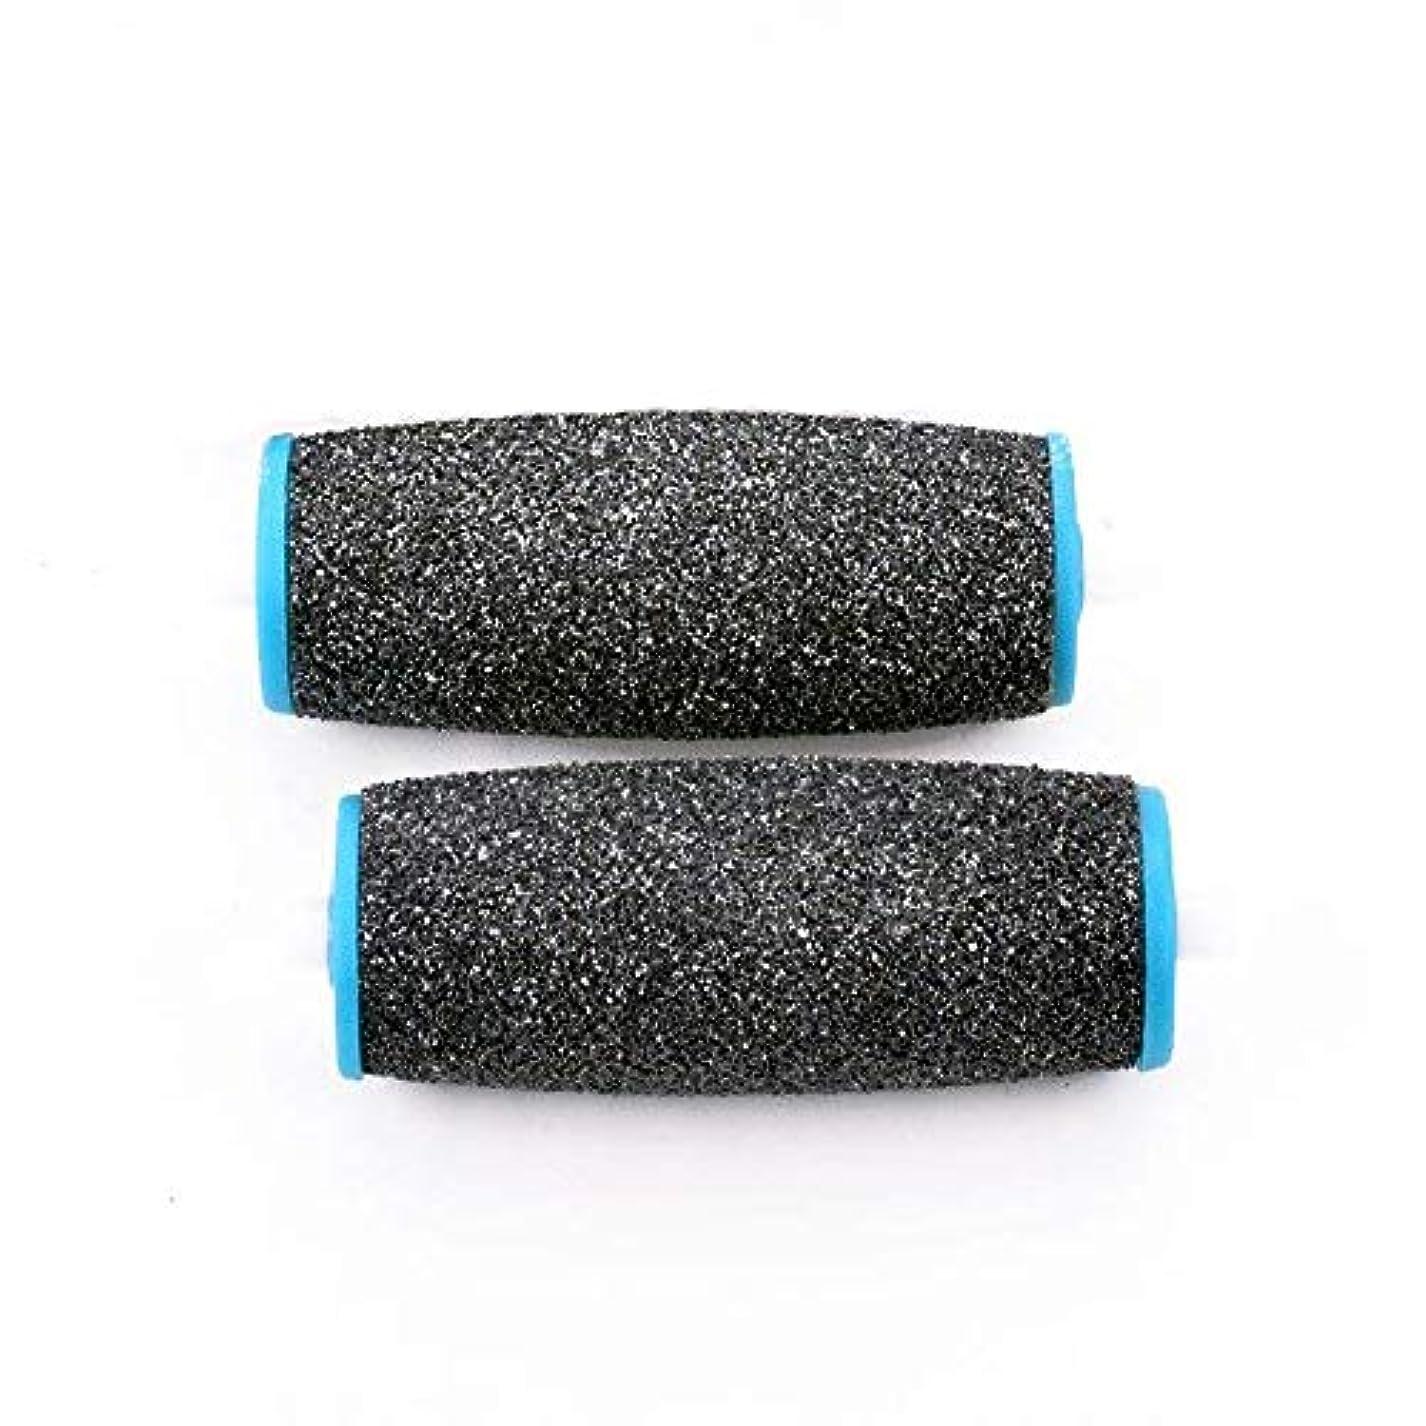 ブラインドごみレトルトViffly ベルベットスムーズ 電動角質リムーバー ダイヤモンド リフィル エキストラ かたい角質用 2個セット (ブラック+ブルー)